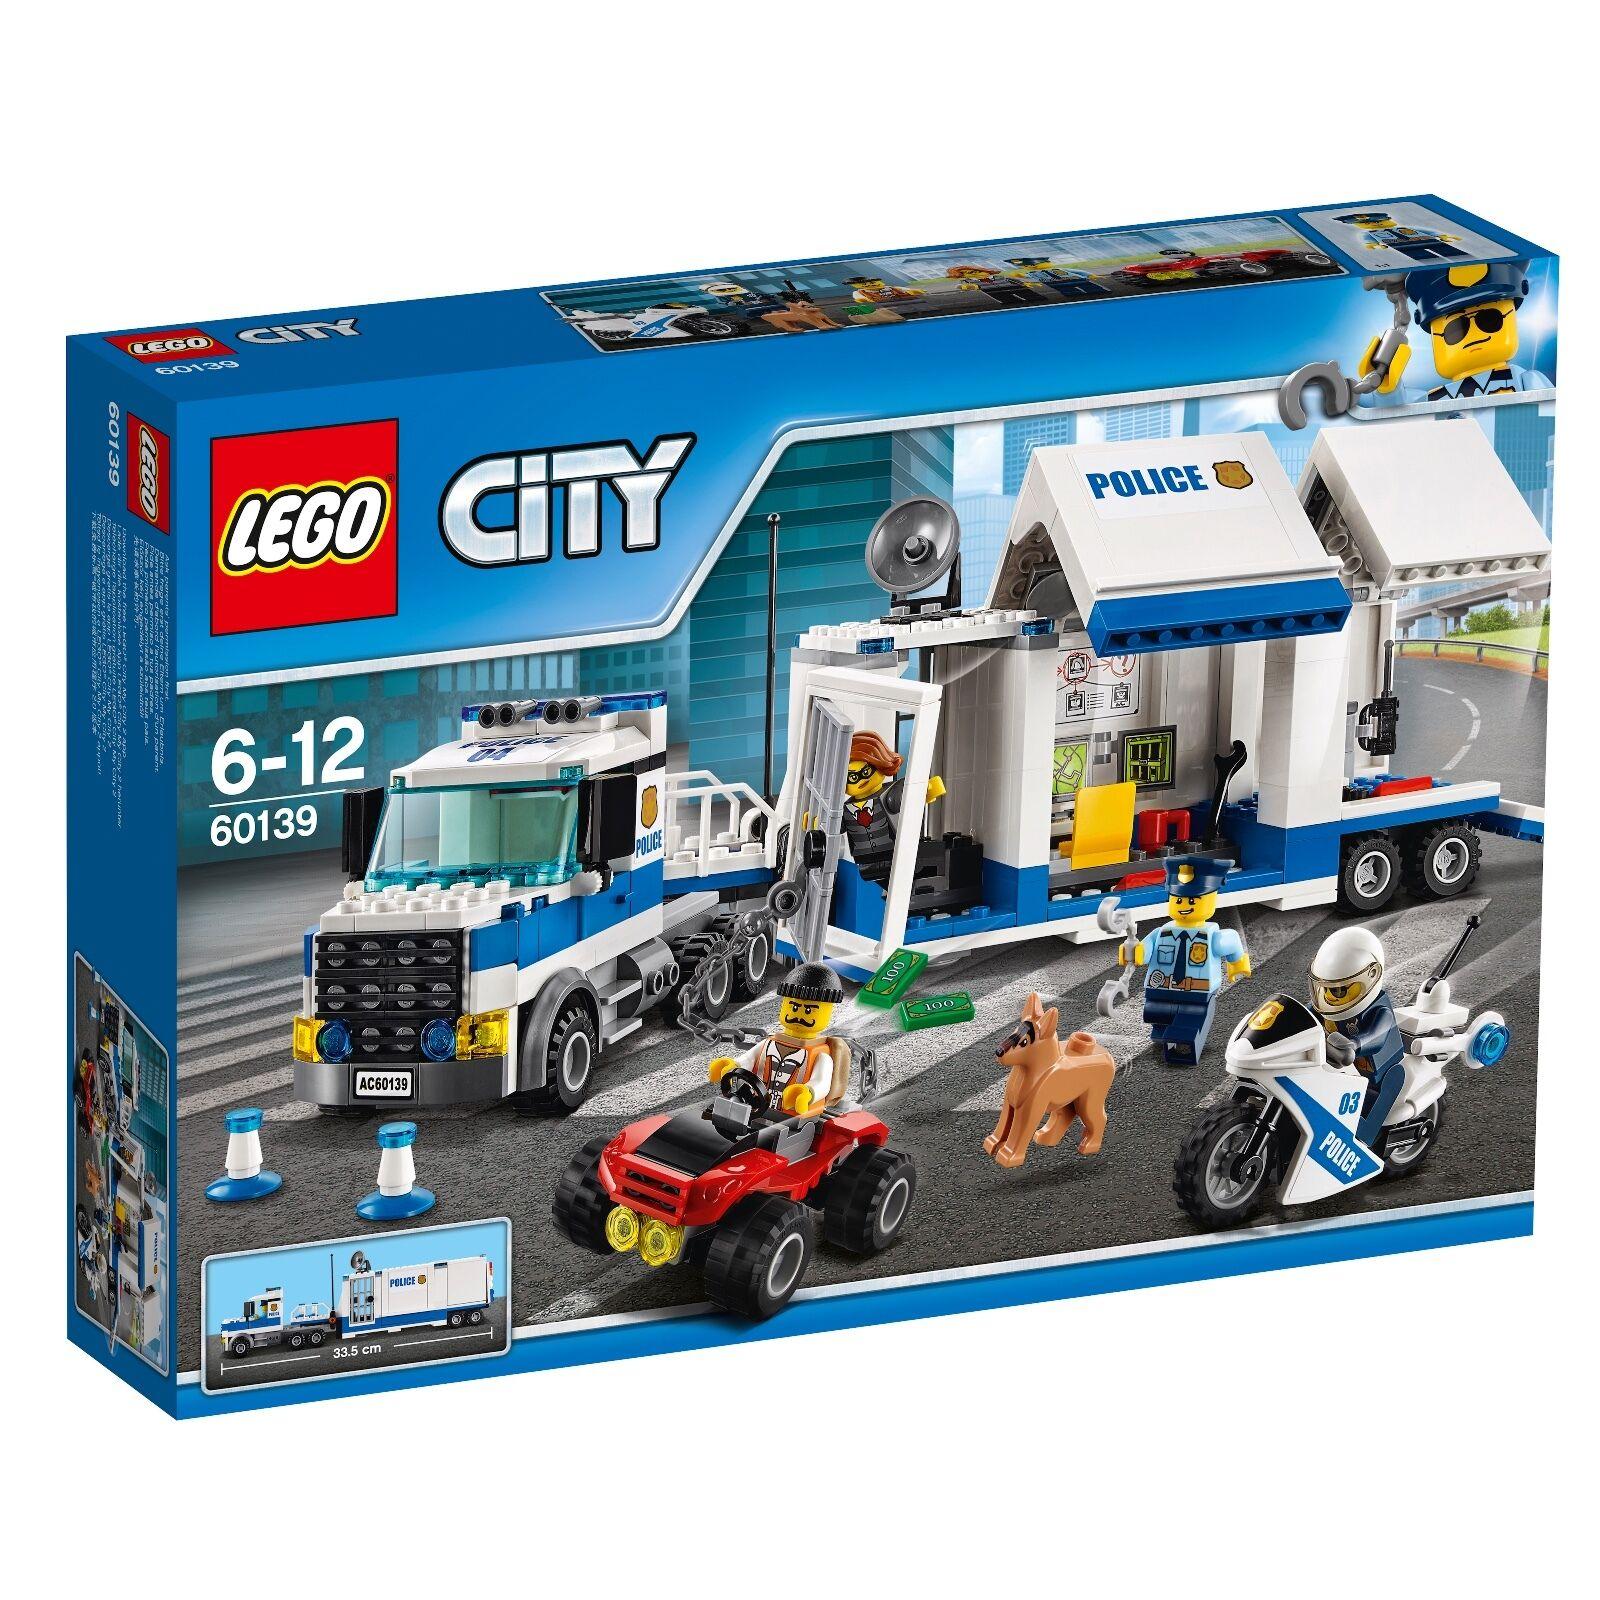 LEGO ® città 60139 mobile INSERTO  CENTRALE NUOVO OVP _ mobile Comuomod Center nuovo MISB  alta qualità